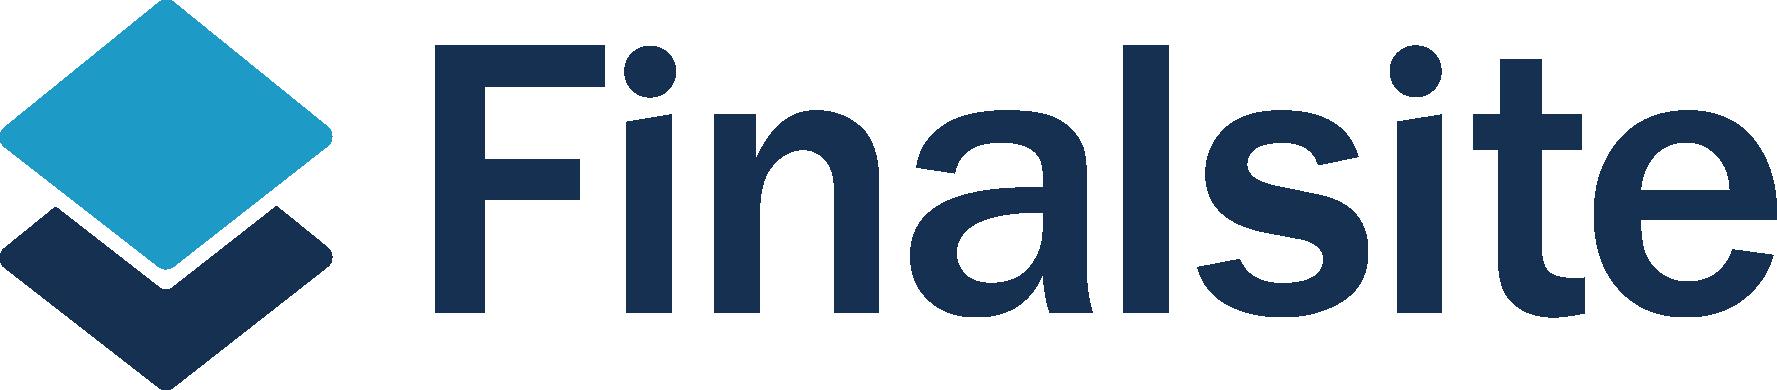 Finalsite Company Logo